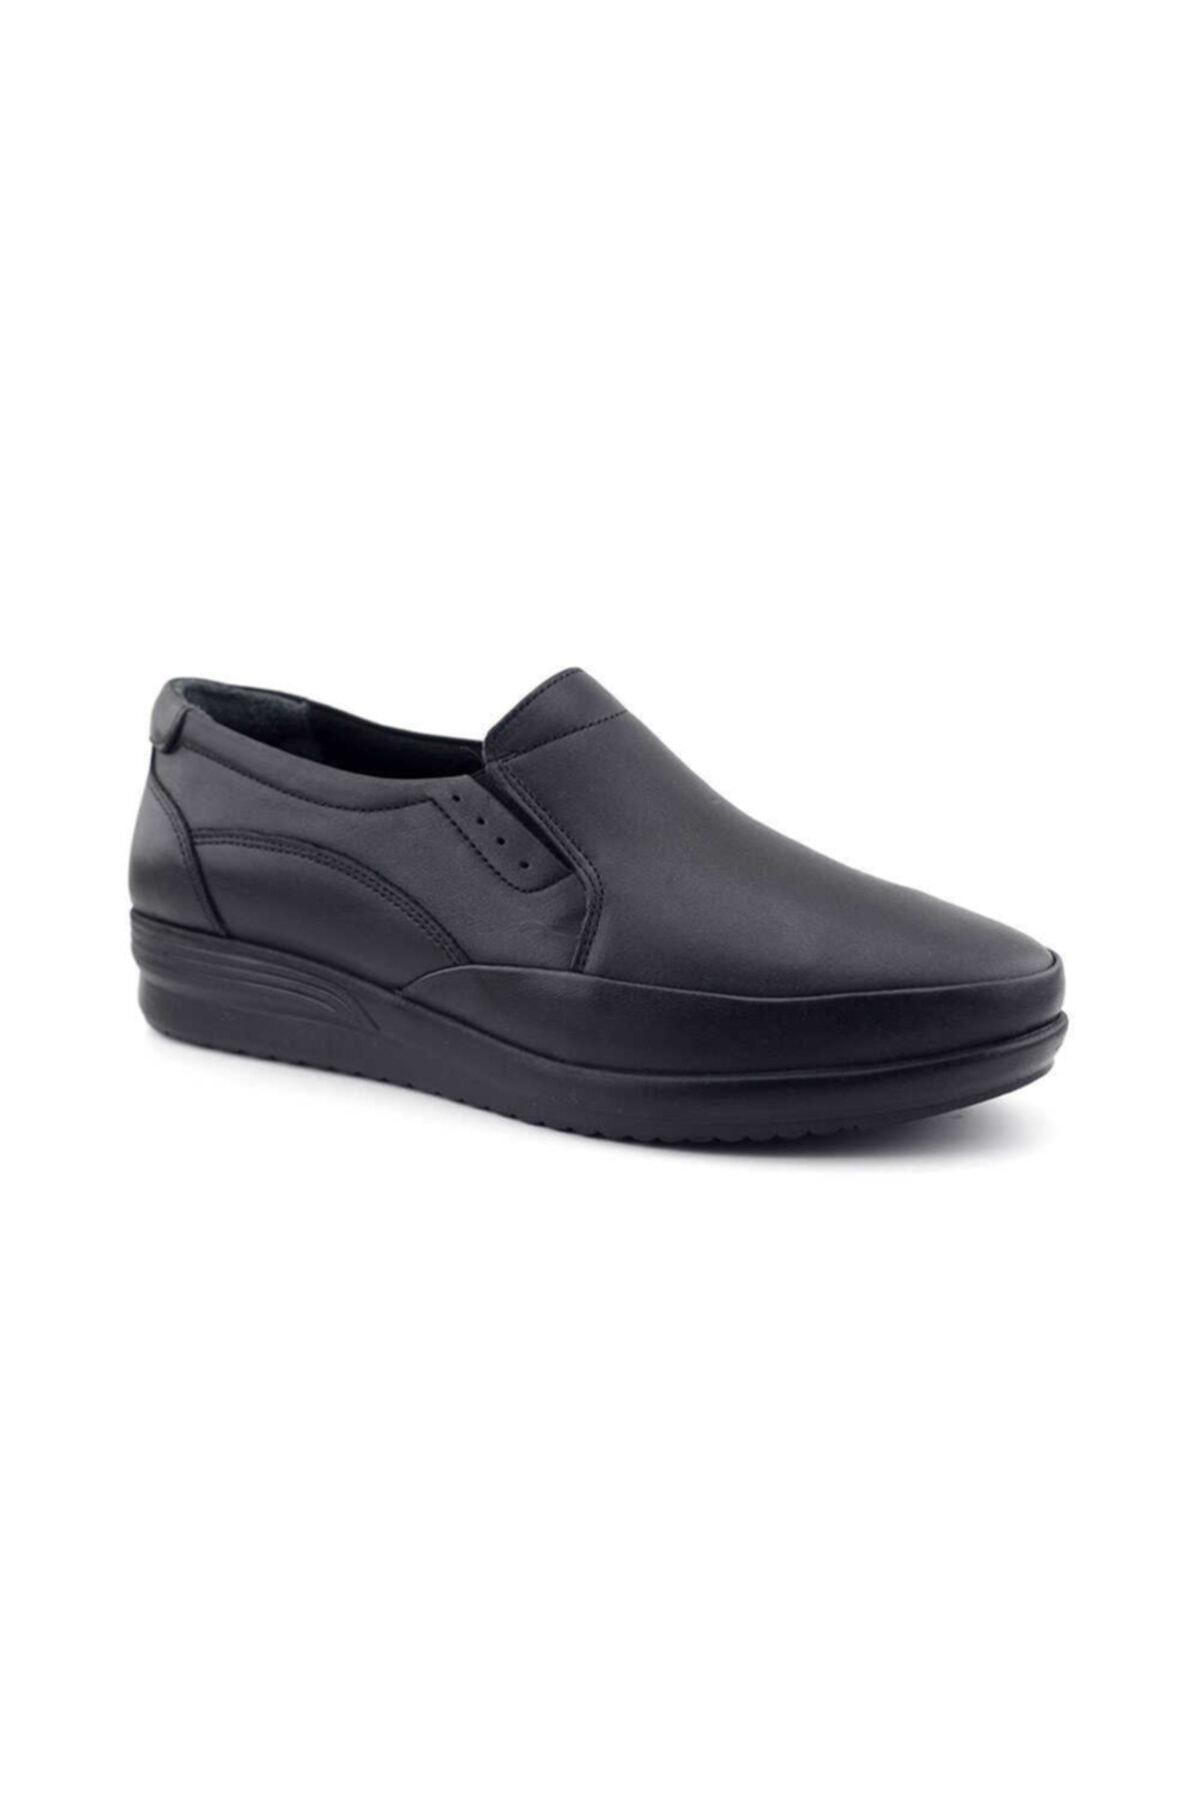 Kayra 04 Hakiki Deri Kadın Günlük Ayakkabı-siyah 2